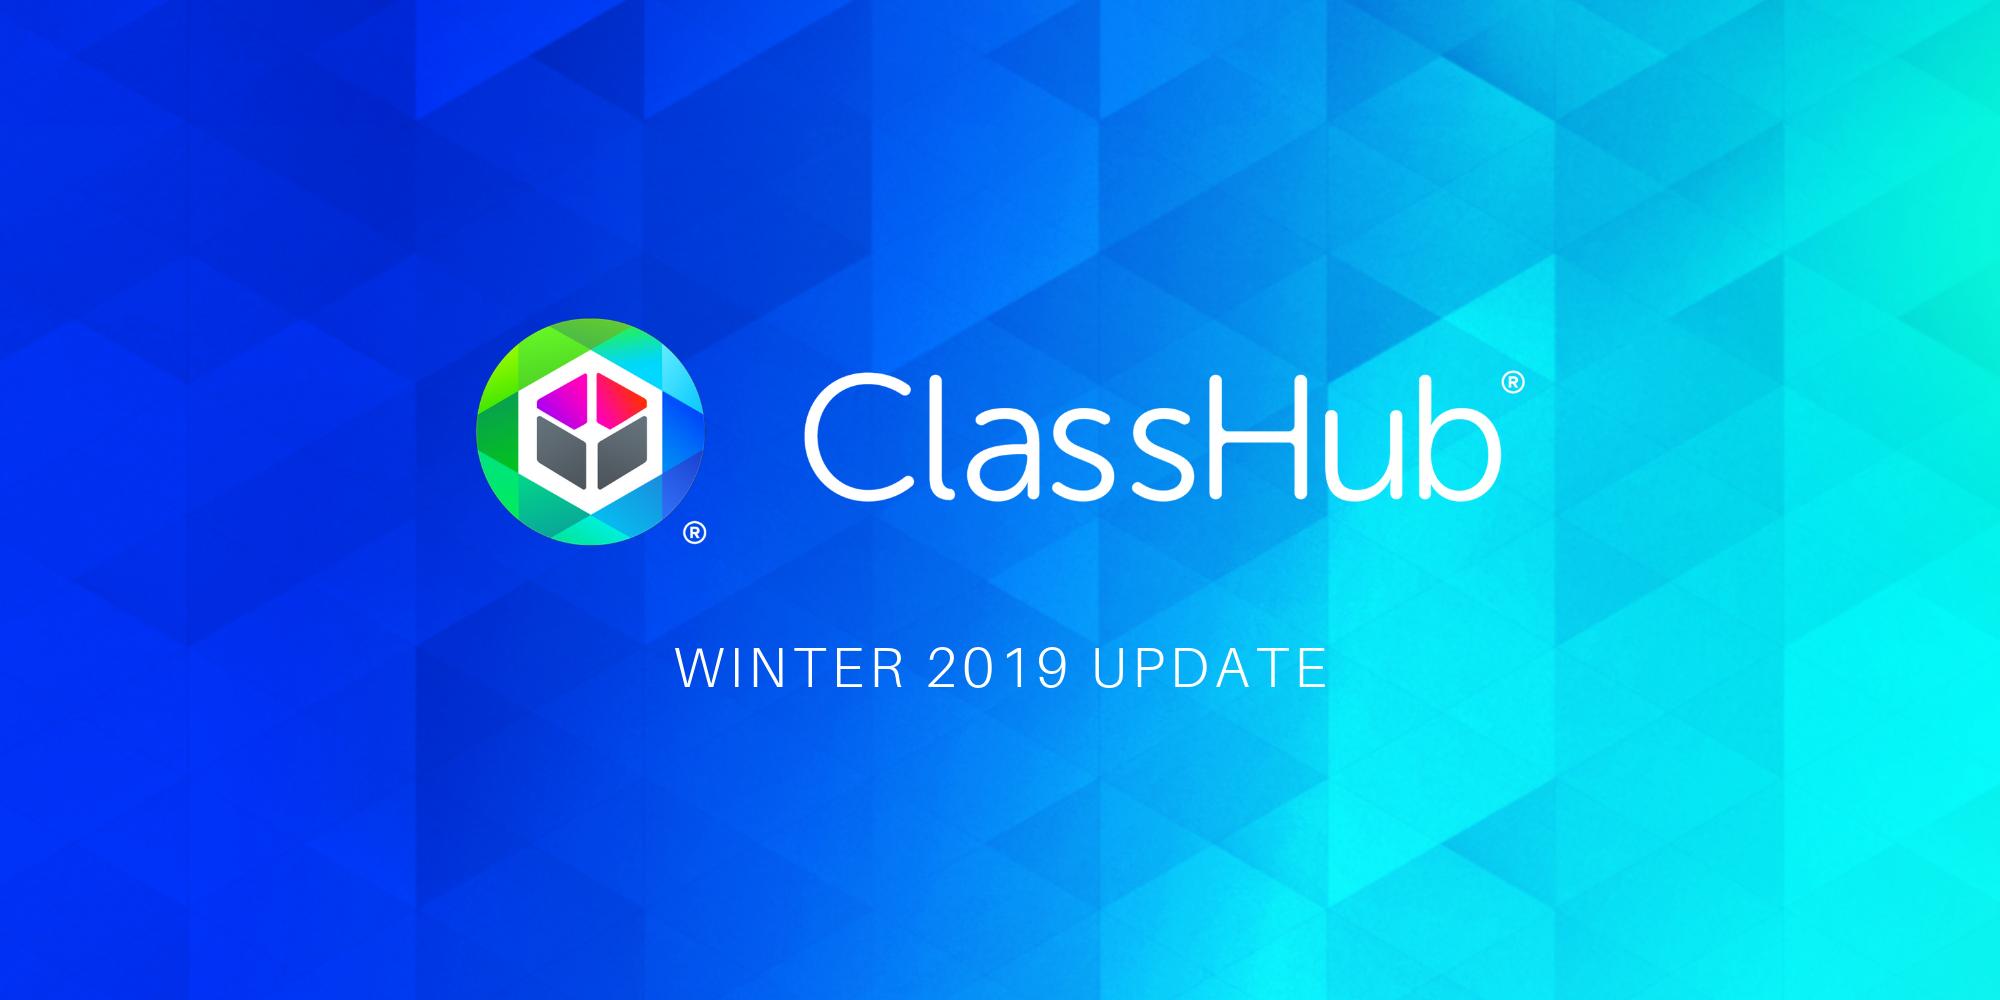 ClassHub Winter 2019 Update